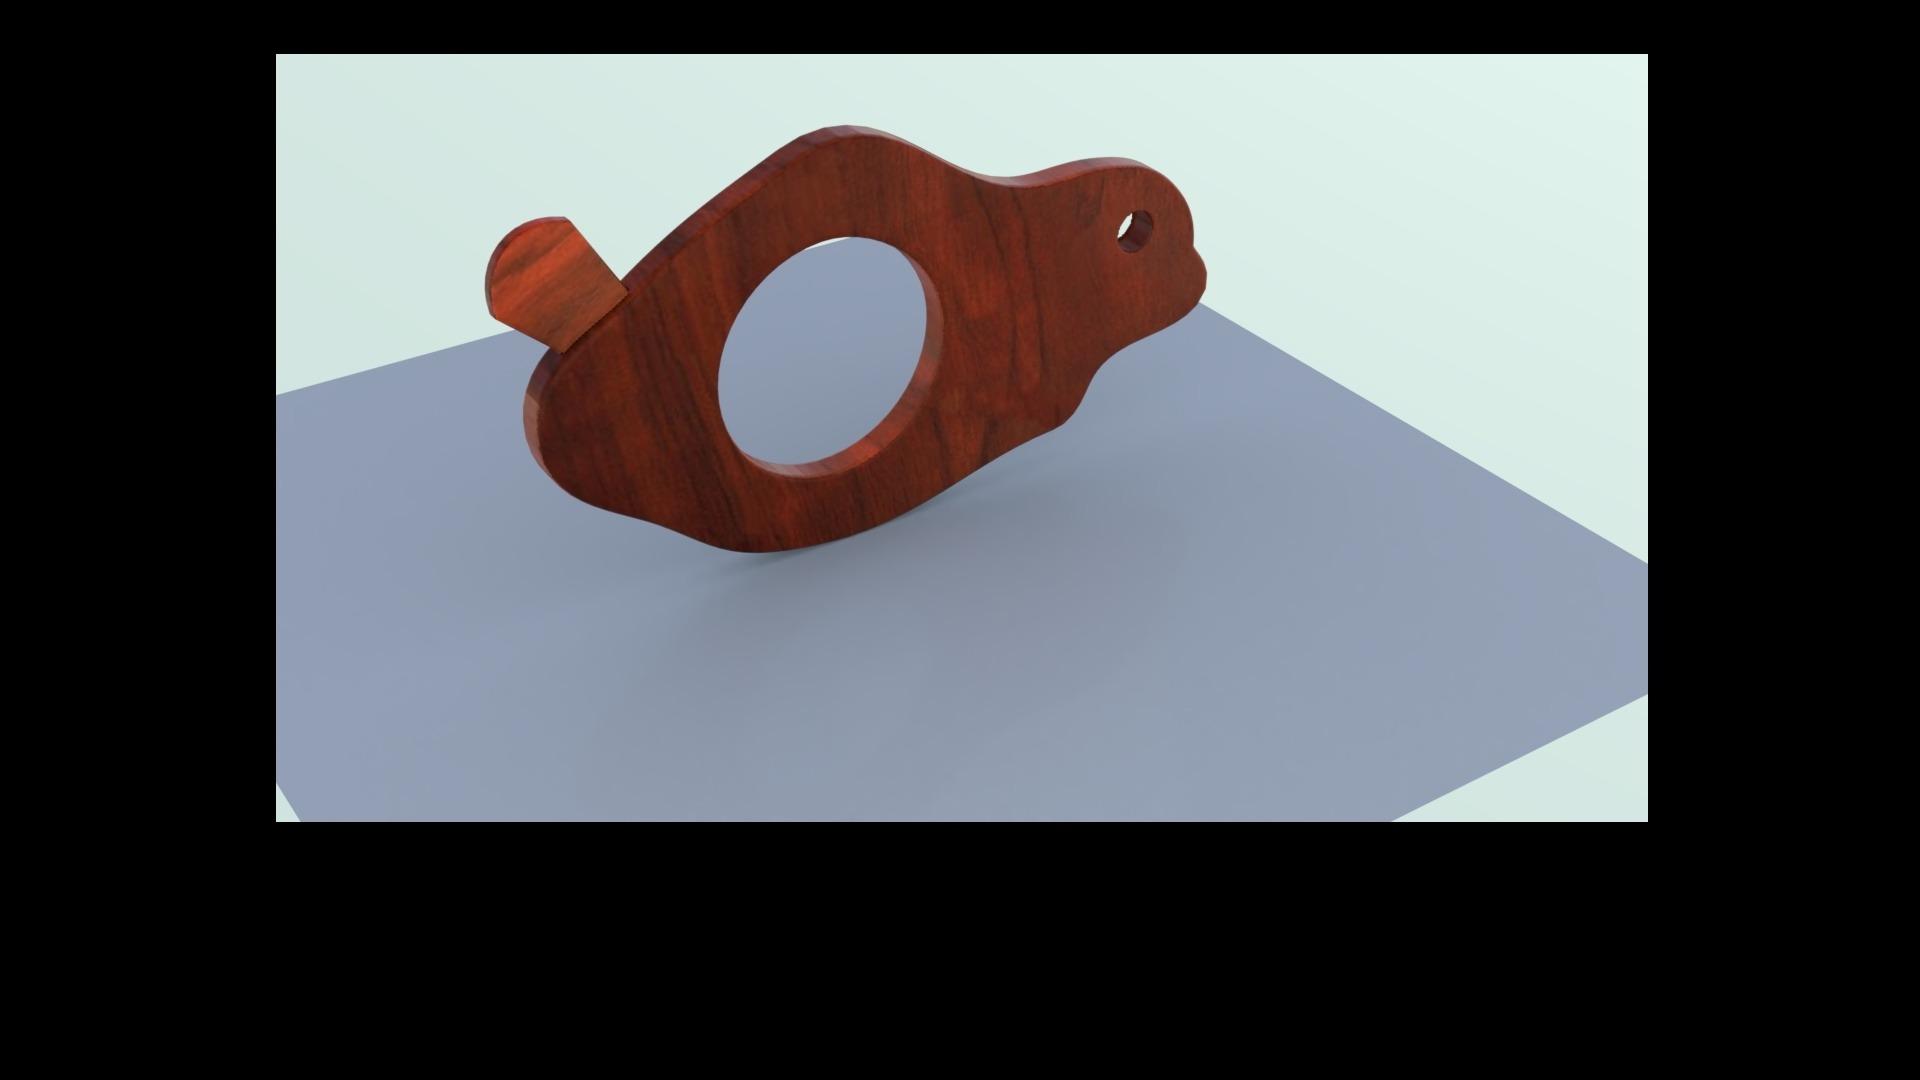 coniglio-di-legno-1